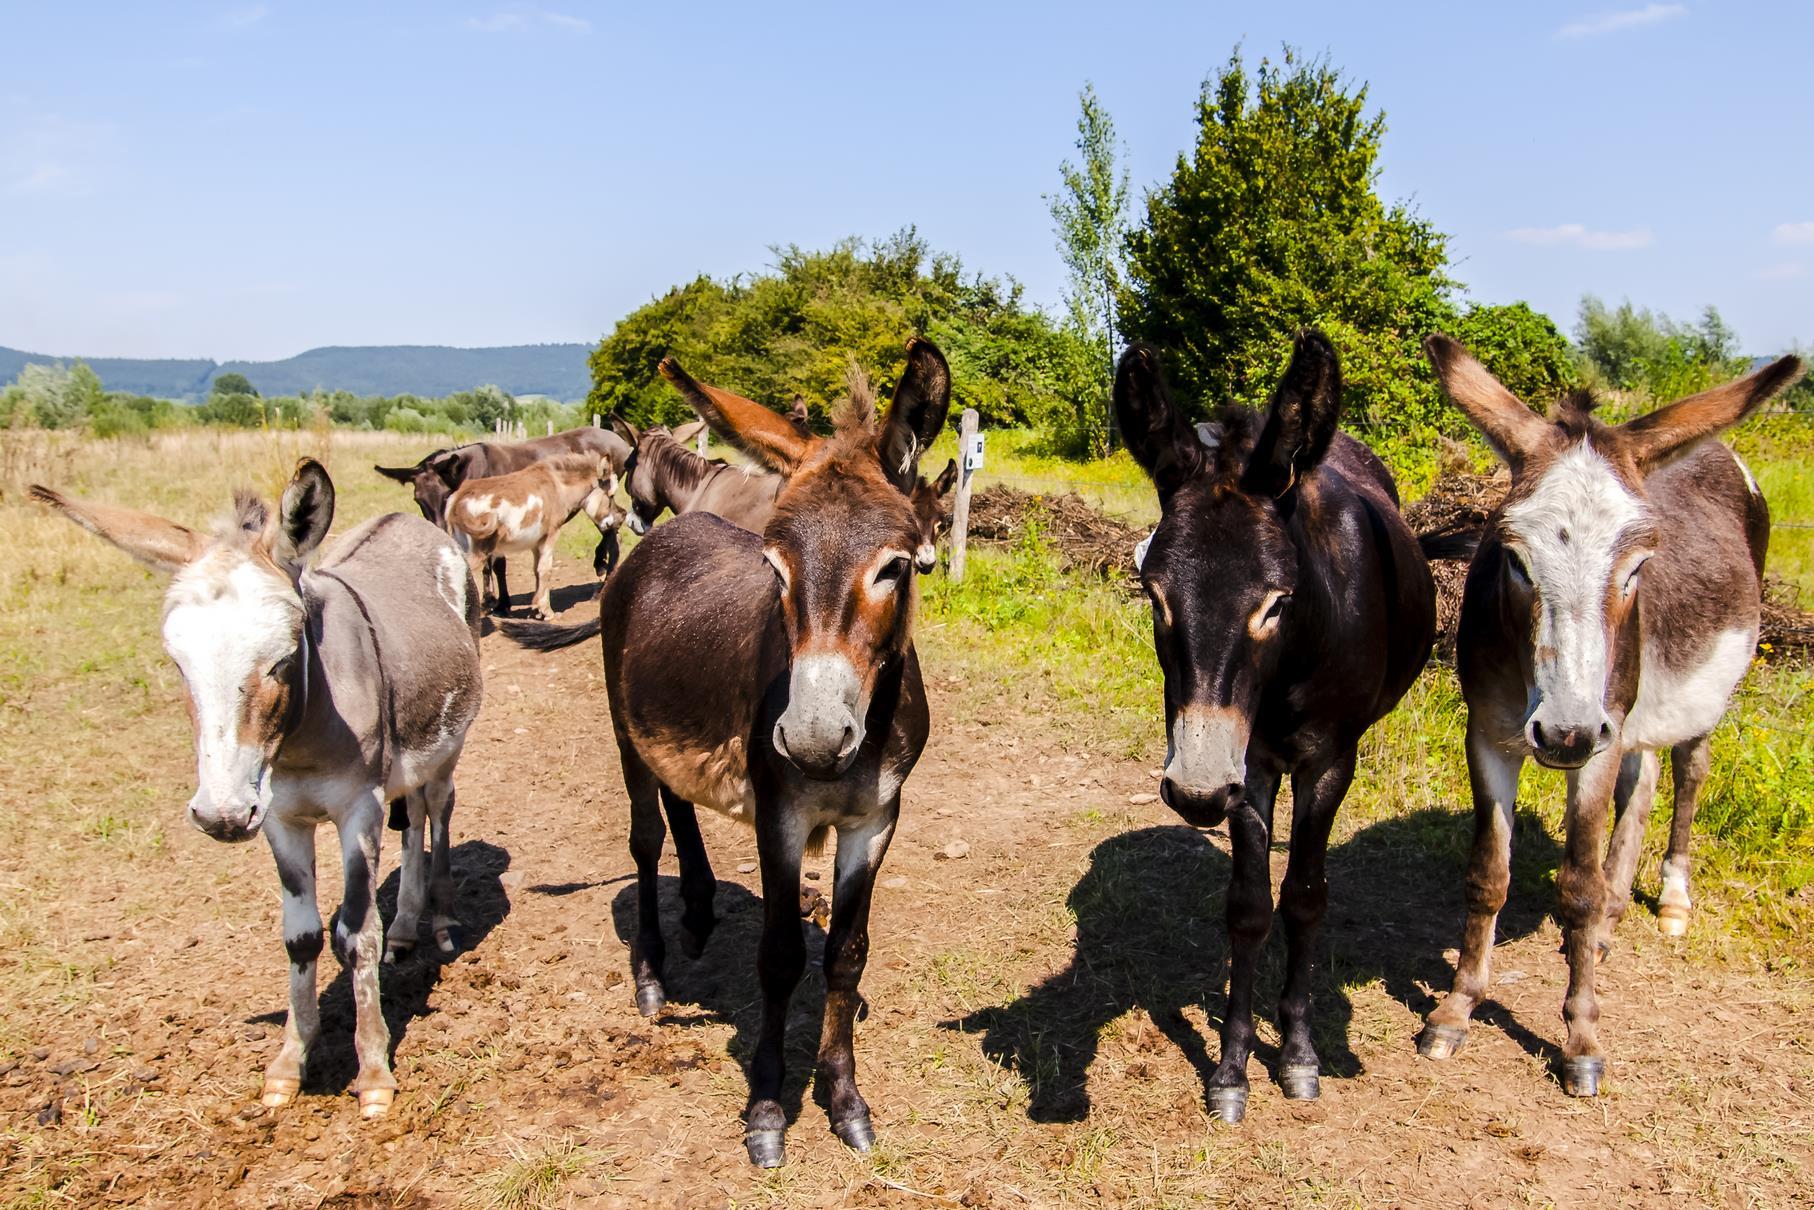 Eine neugierige Gruppe Esel weidet auf der Weide am Rundweg.